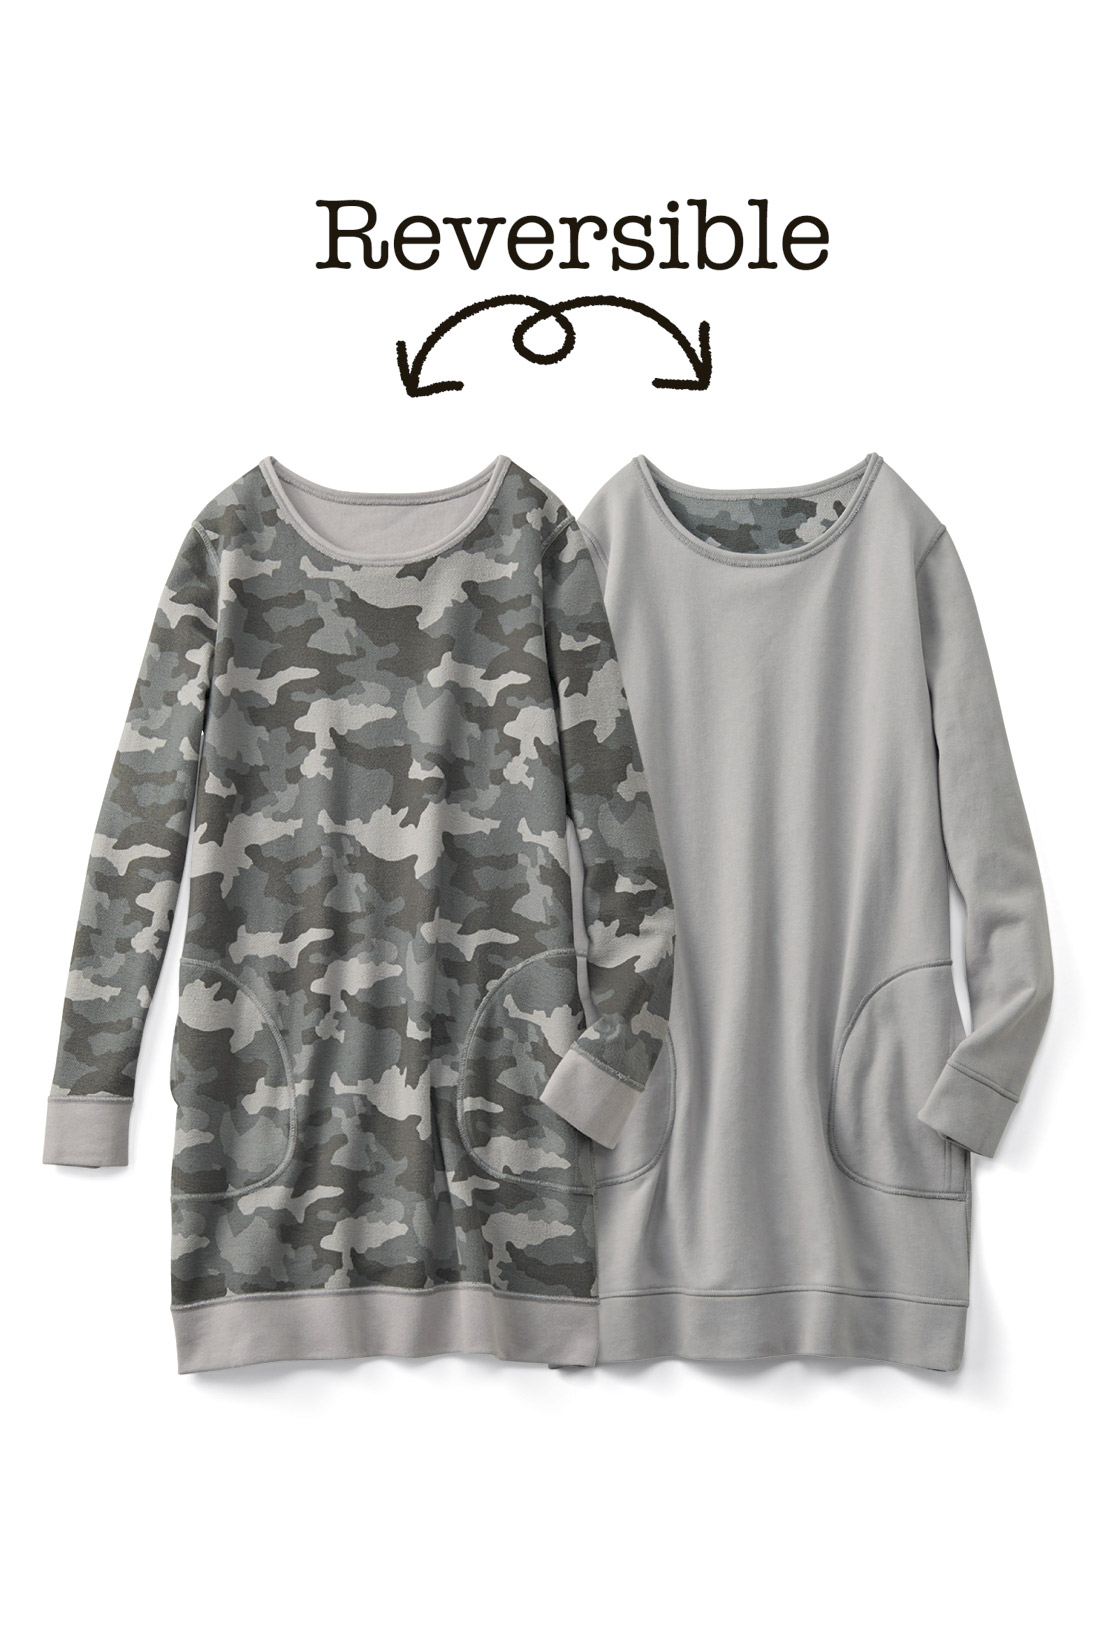 着やすい彩りの【カモフラグレー】両面に便利なポケット付き。